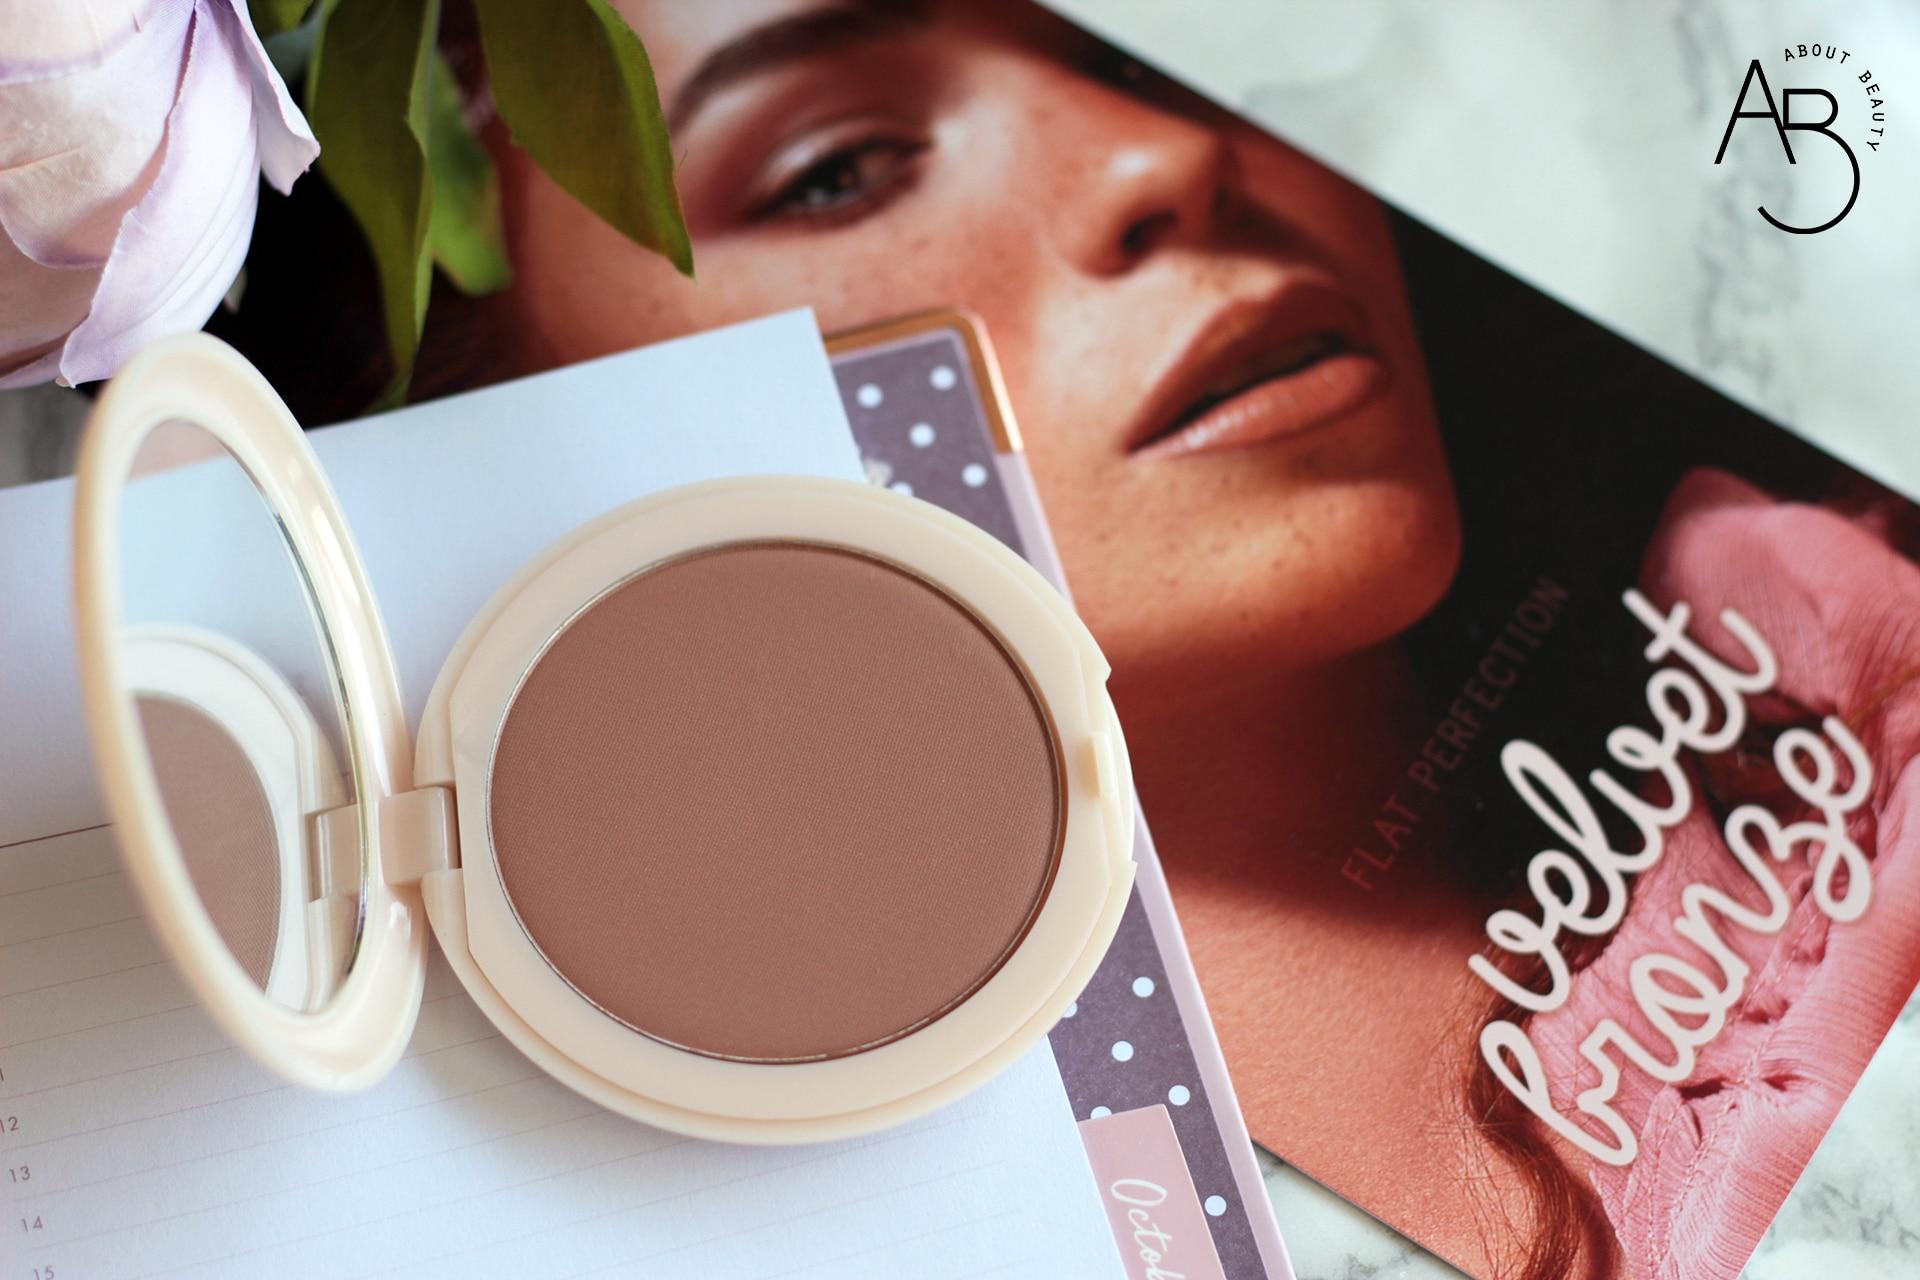 Velvet Bronze Neve Cosmetics Cipria Bronzer - Info review recensione opinioni prezzo dove acquistare sconto - About Beauty